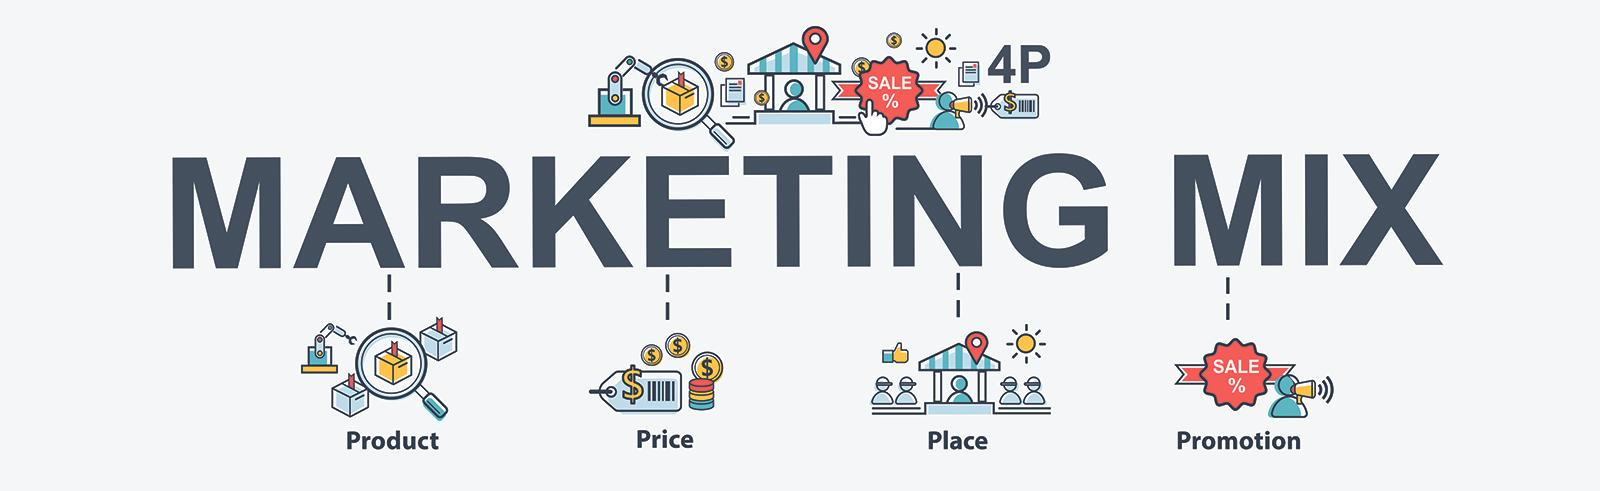 اطلاعات جامع آمیخته بازاریابی یا Marketing Mix